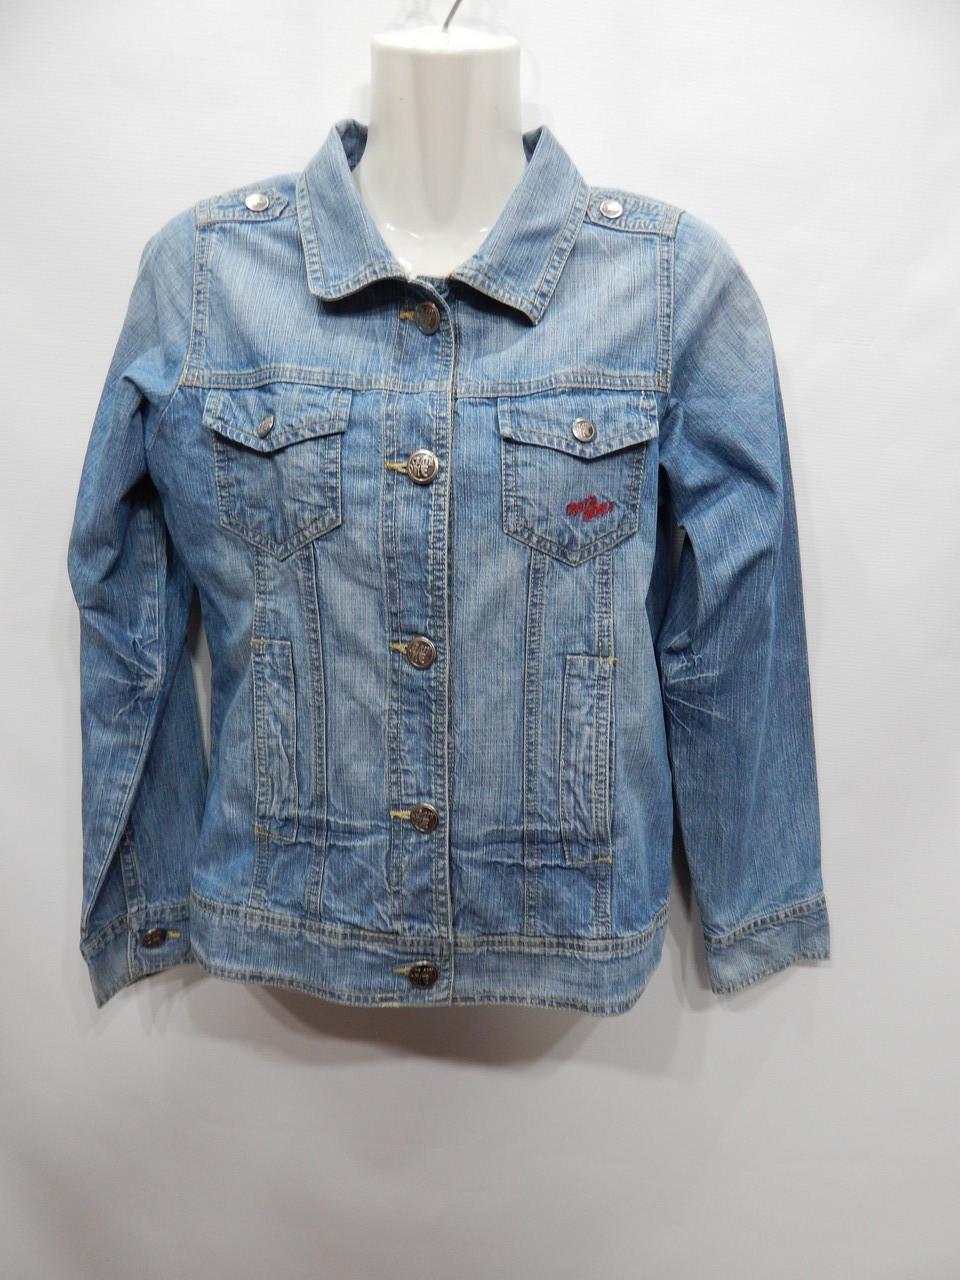 Куртка джинсовая женская CRASHONE kids Vintage,рост 158-164,(12-14лет) RUS р.42-44, EUR 34 034DG